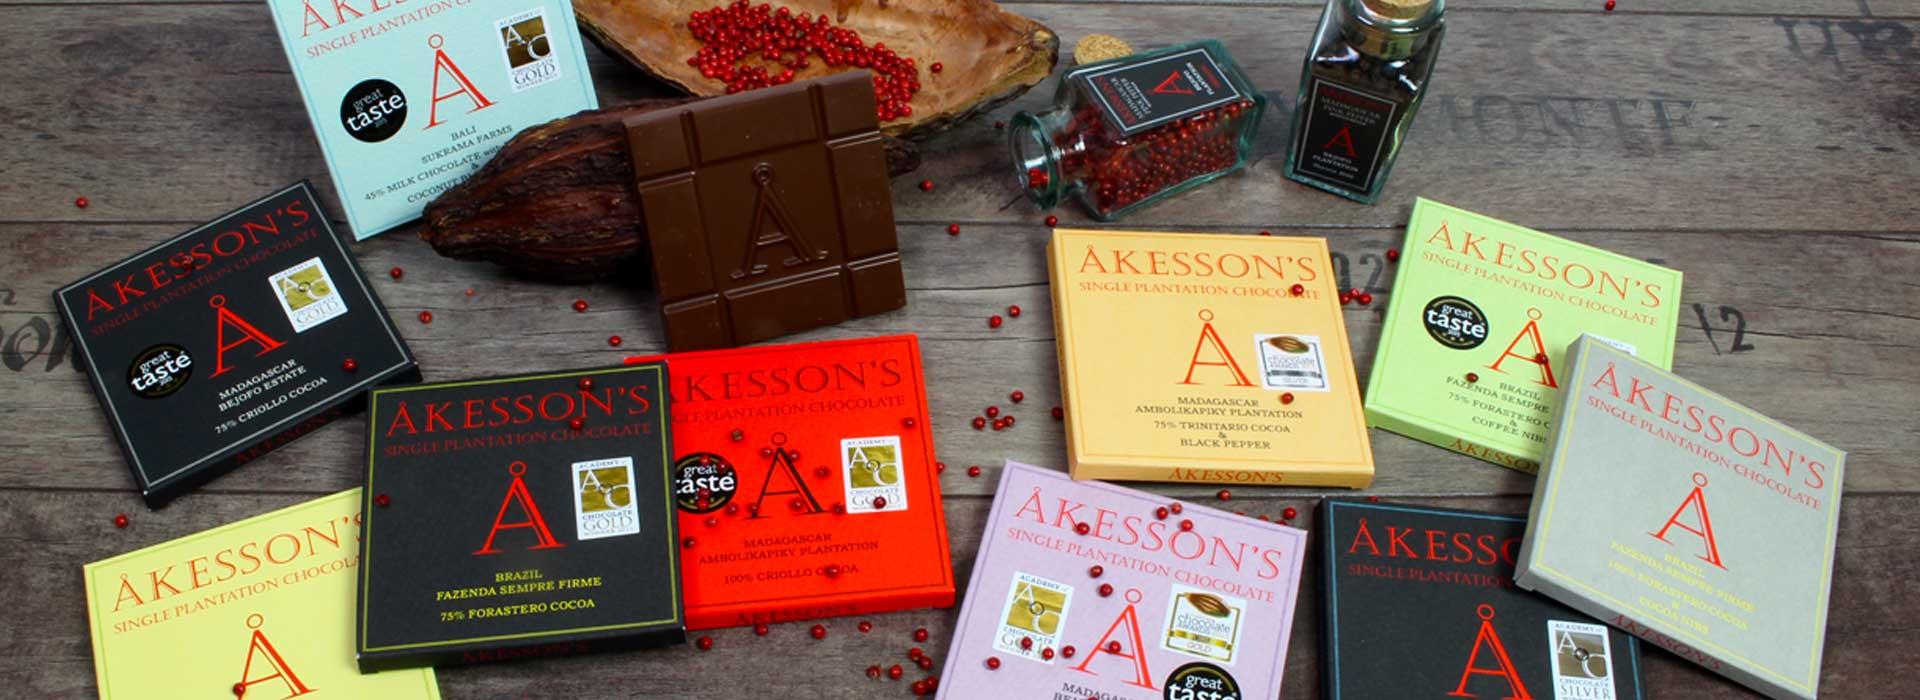 Åkesson's setzt auf Glutenfreie Schokolade